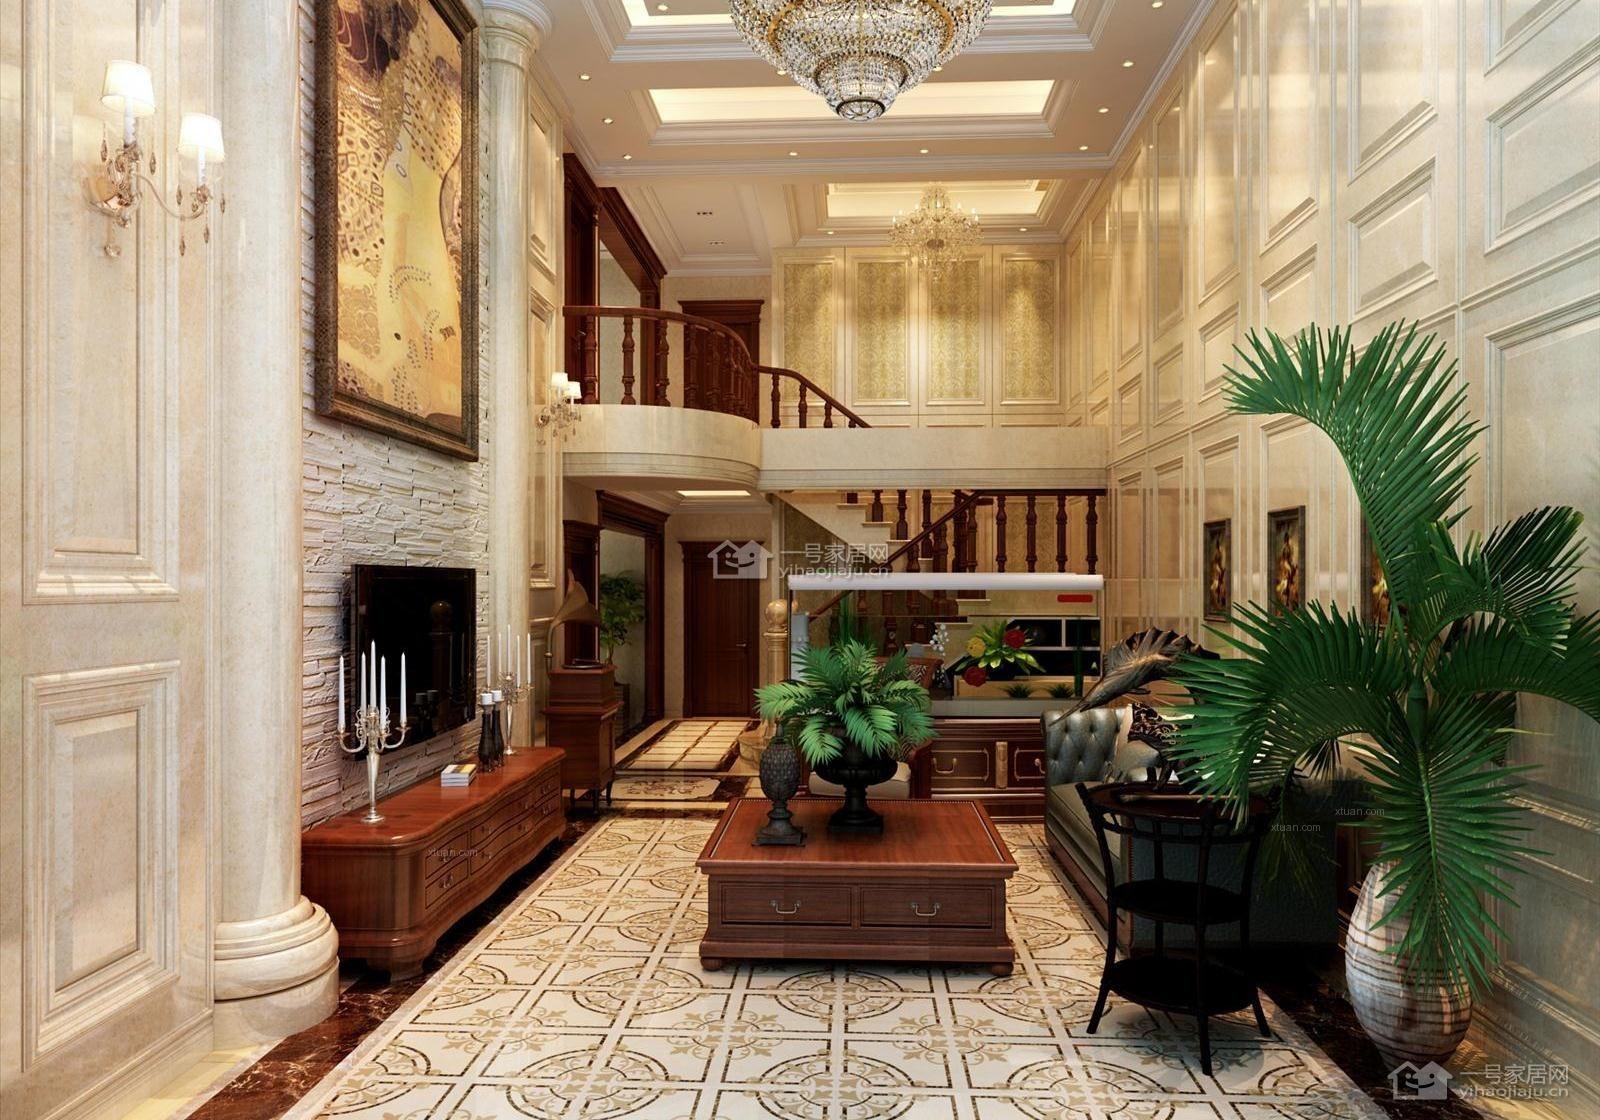 跃层欧式风格客厅_欧式古典复式温暖装修效果图-x团